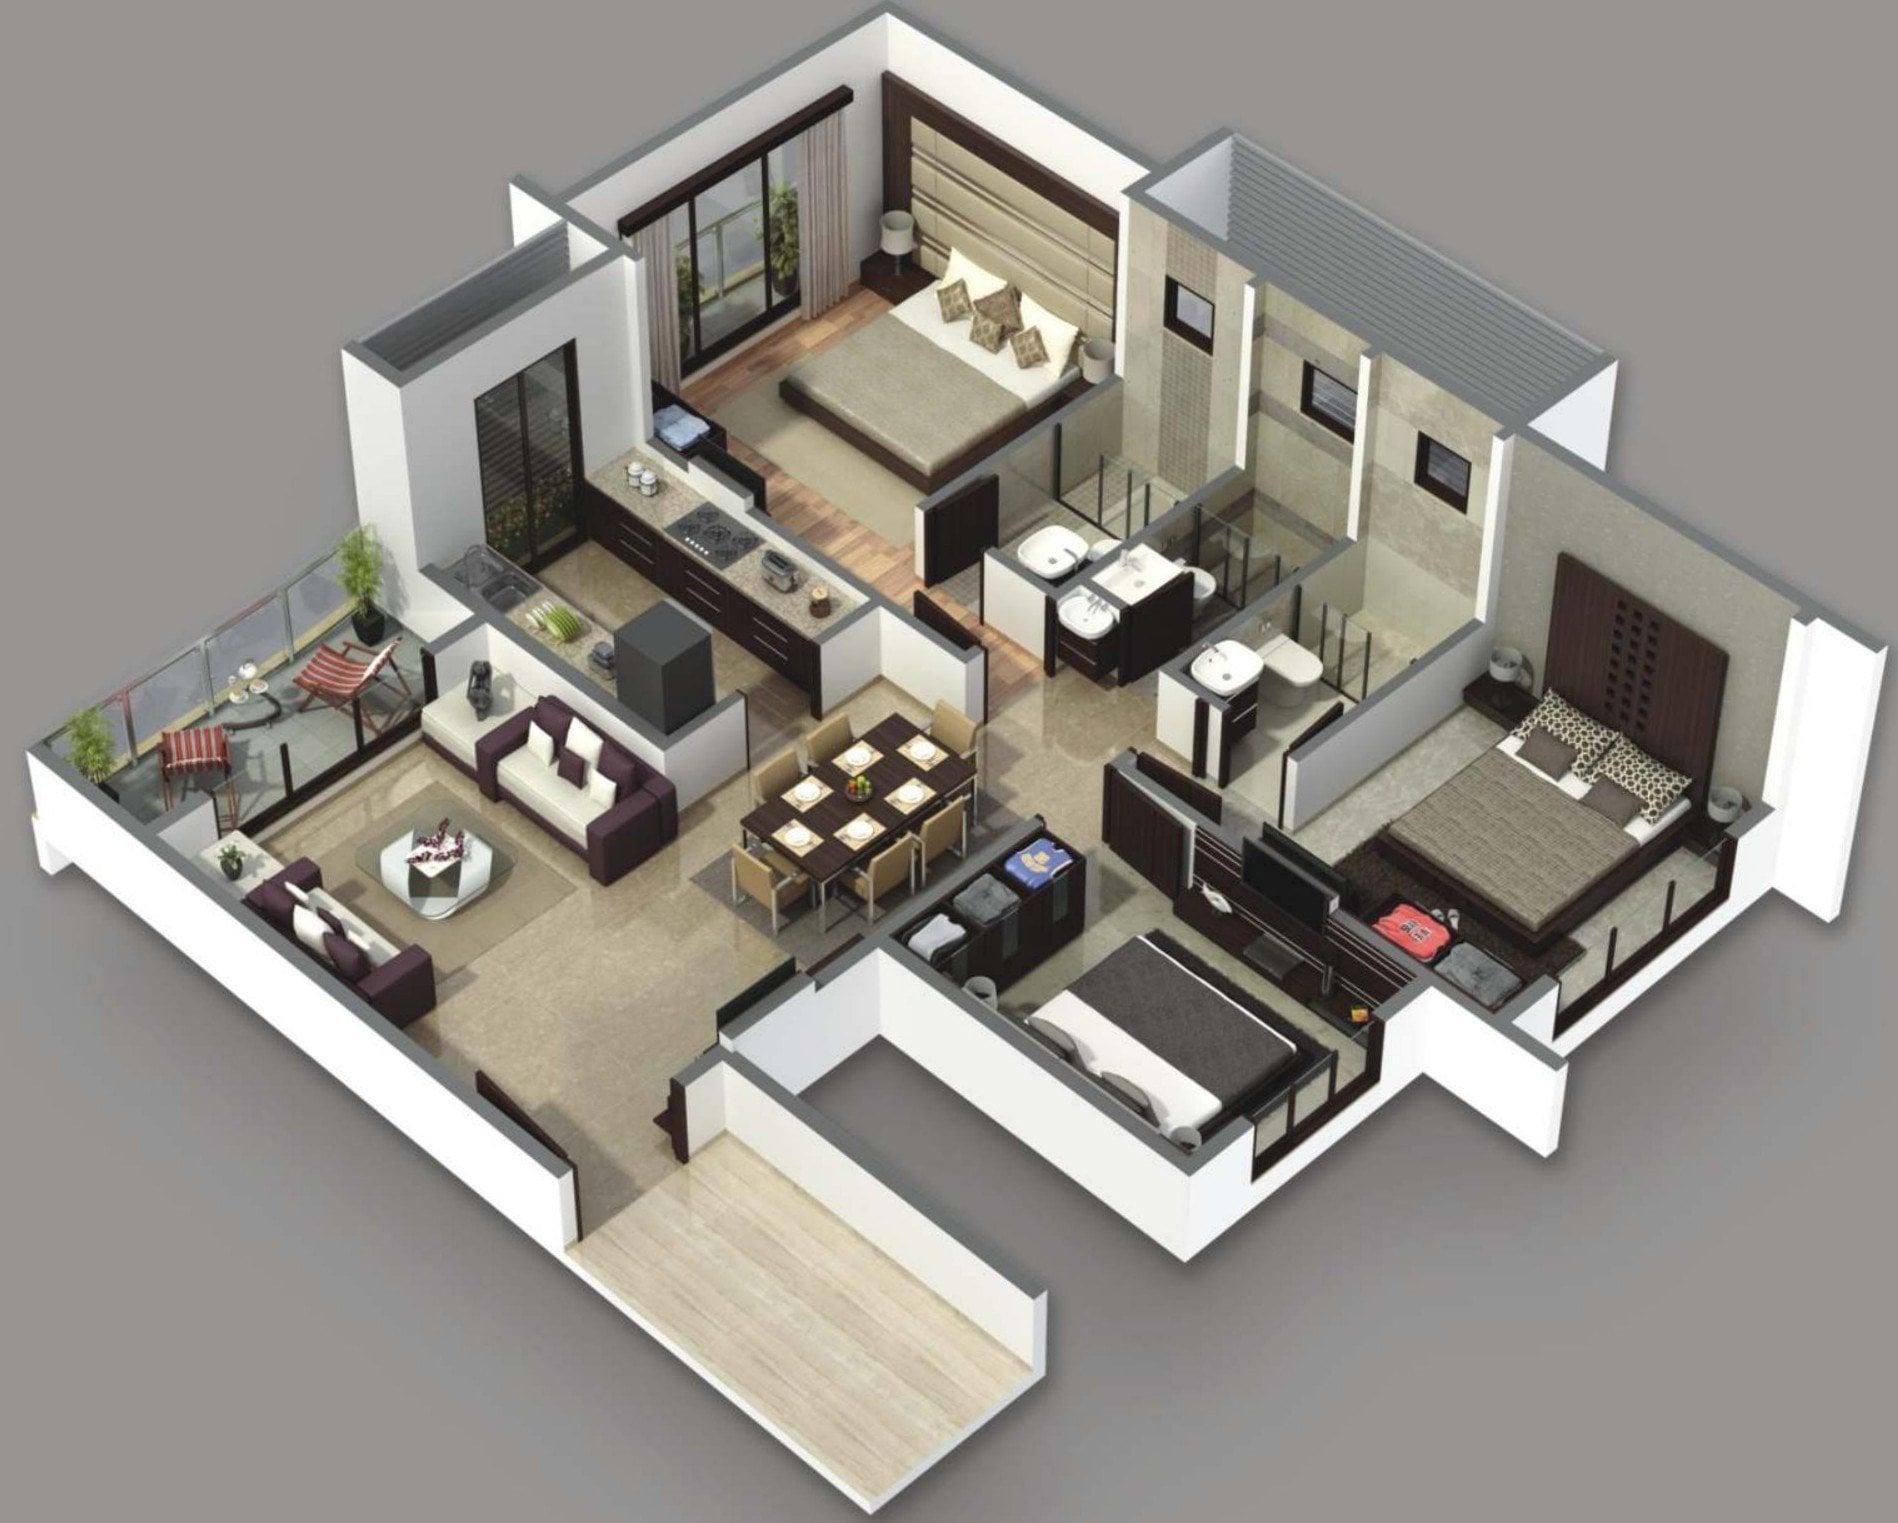 289 Desain Rumah Minimalis 4 Kamar Tidur 1 Lantai